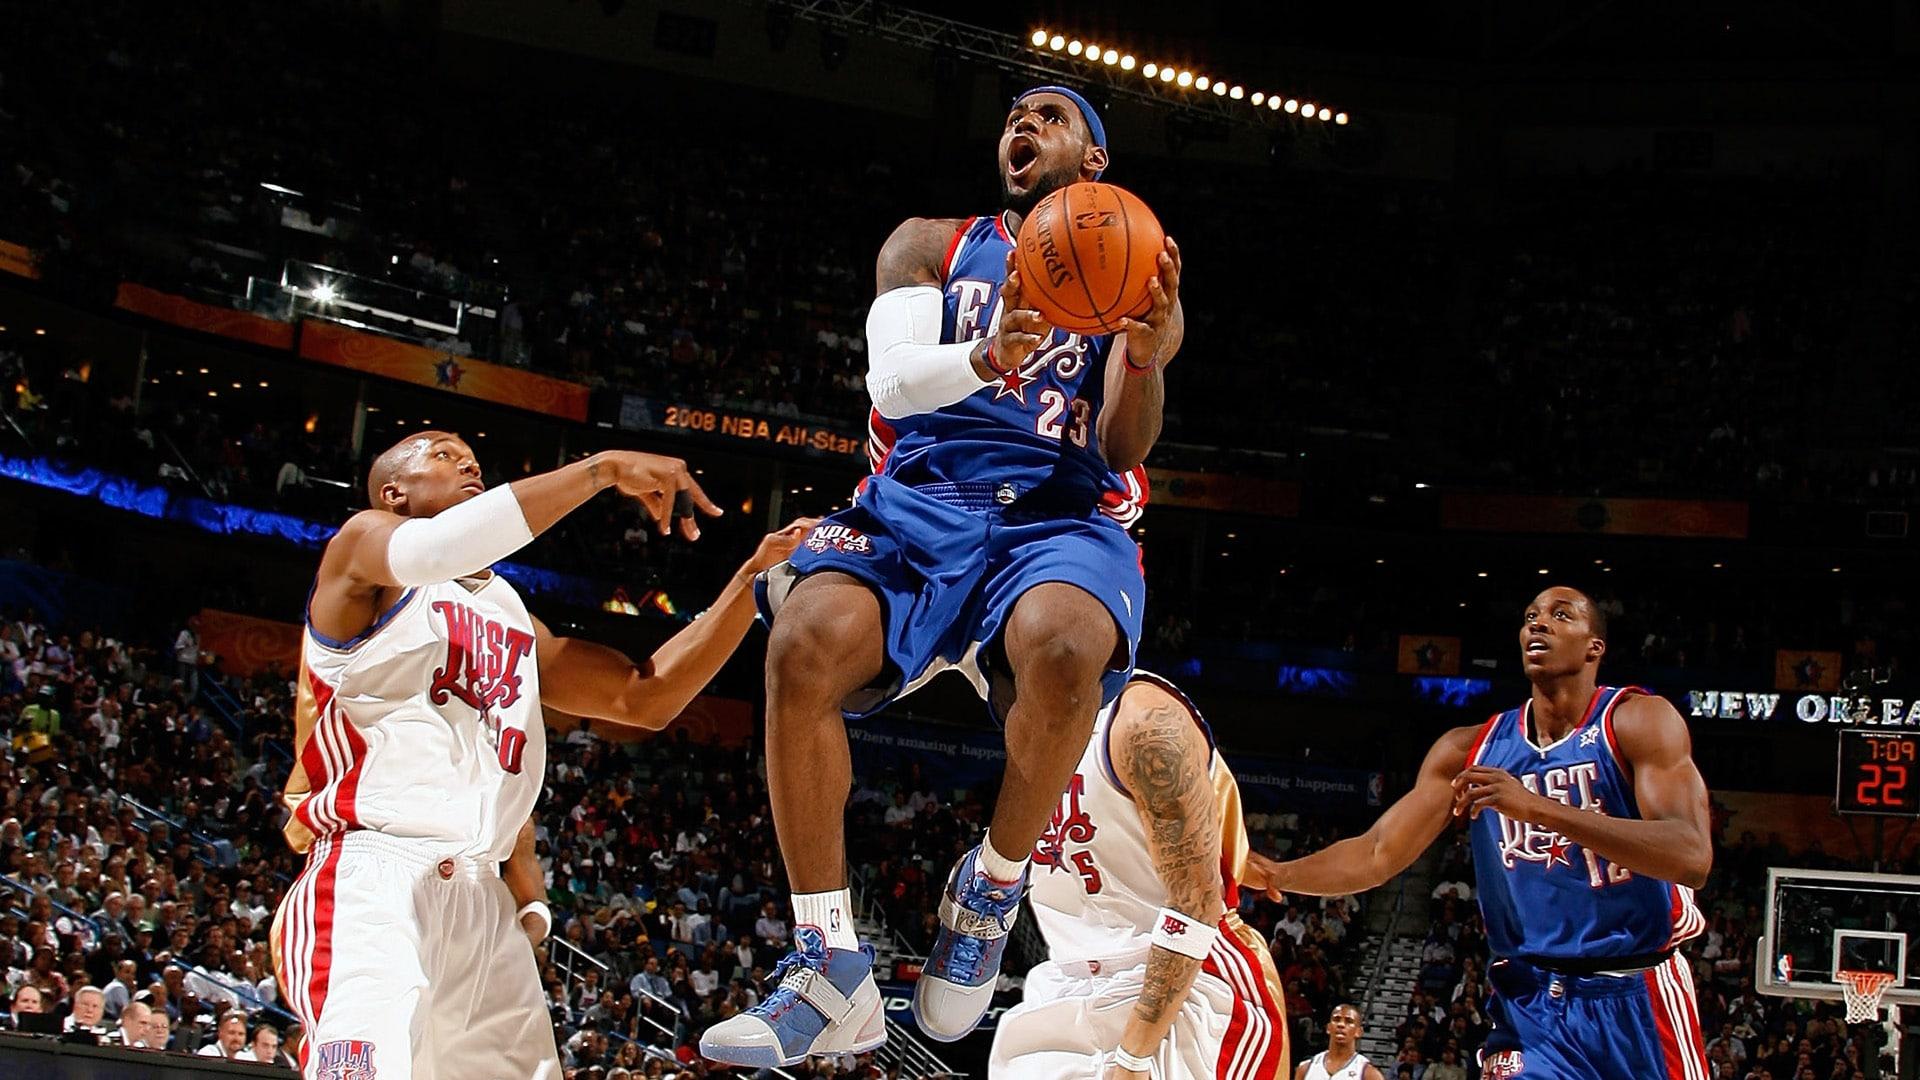 2008 NBA All-Star recap